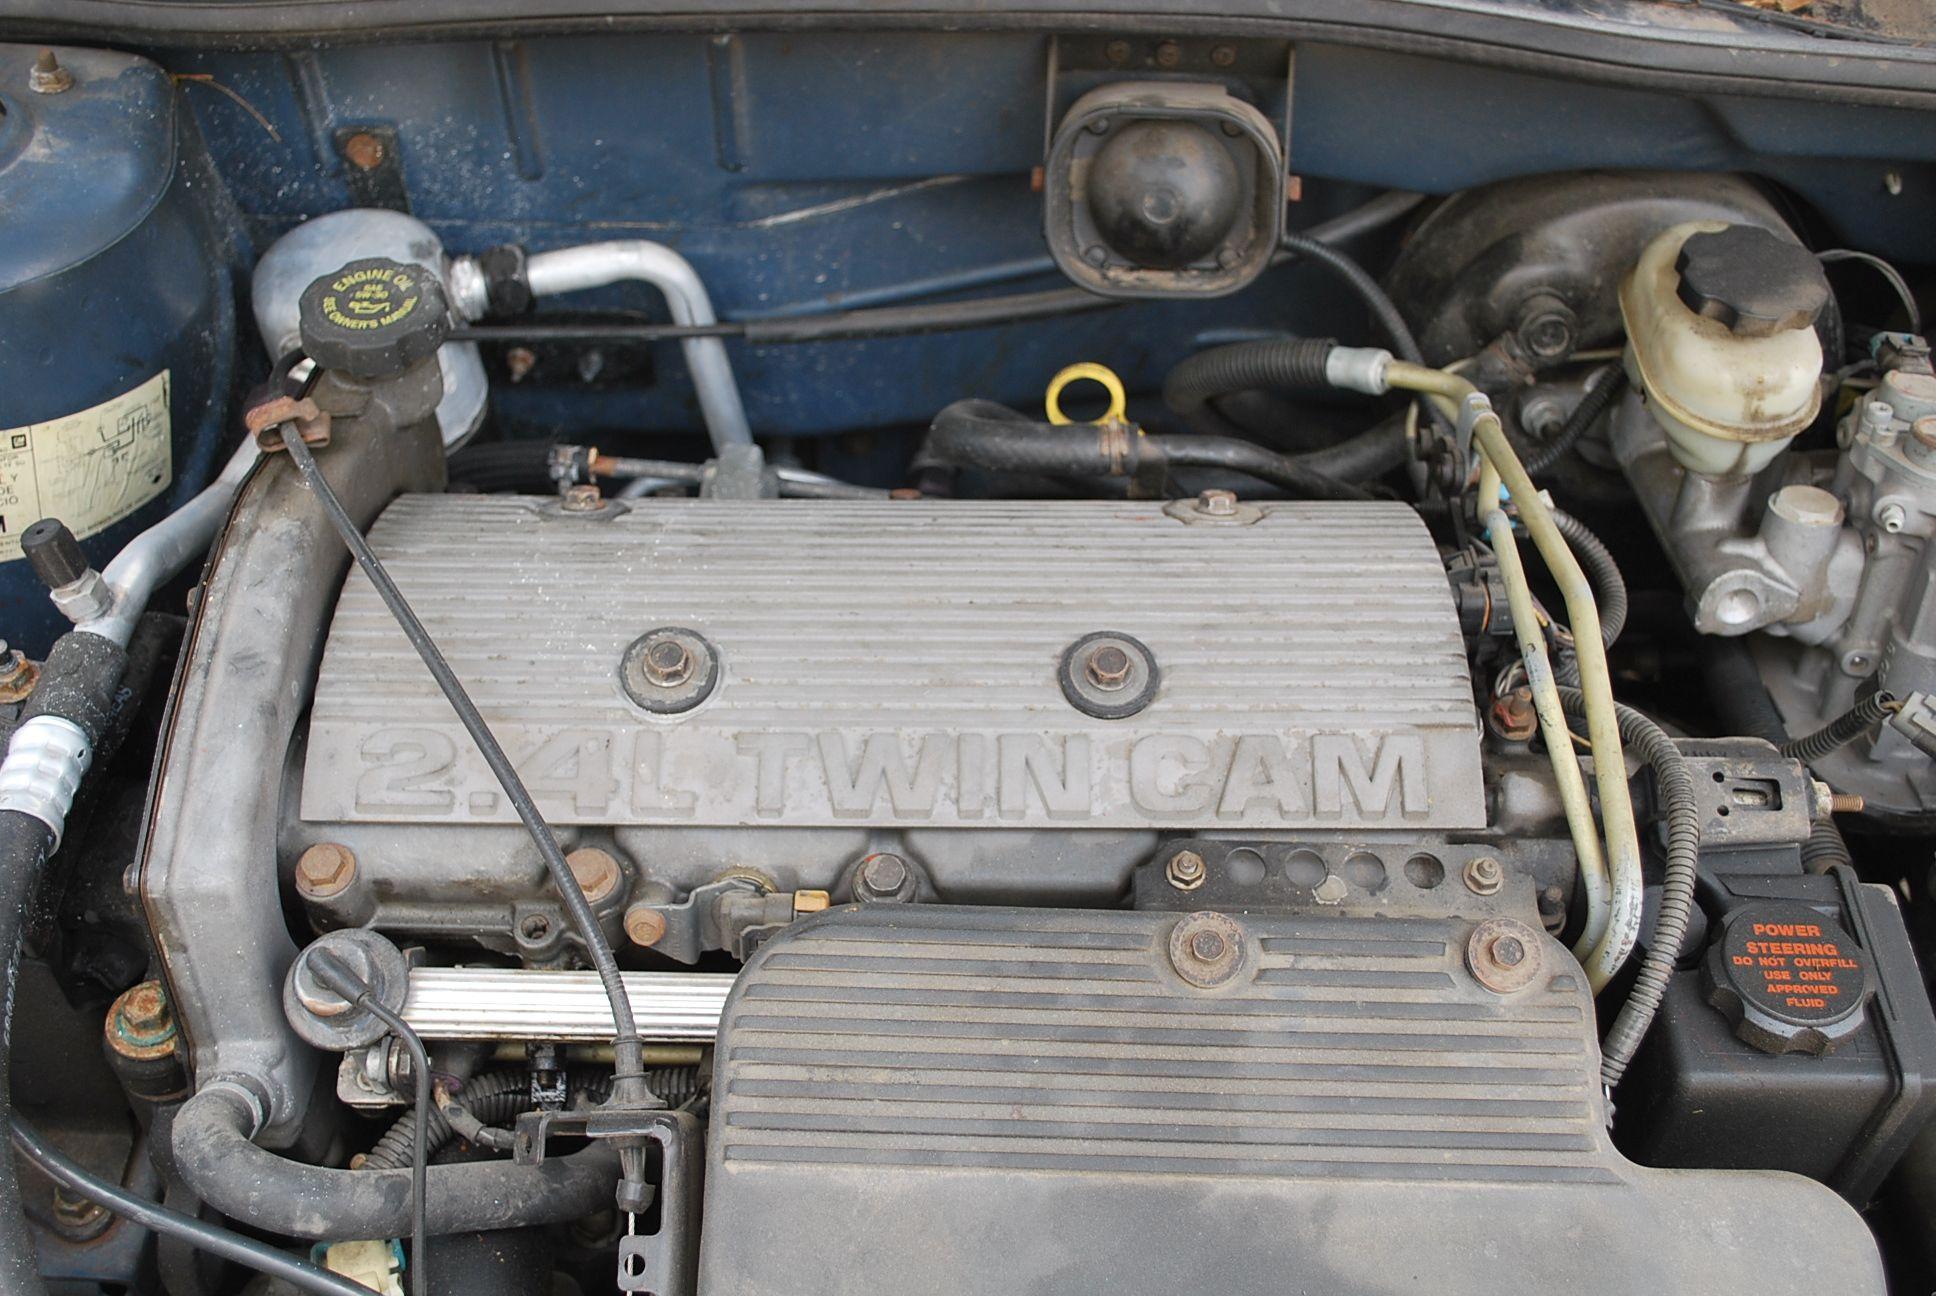 chevrolet 2 2 liter engine diagram wiring diagram online rh 6 10 lightandzaun de